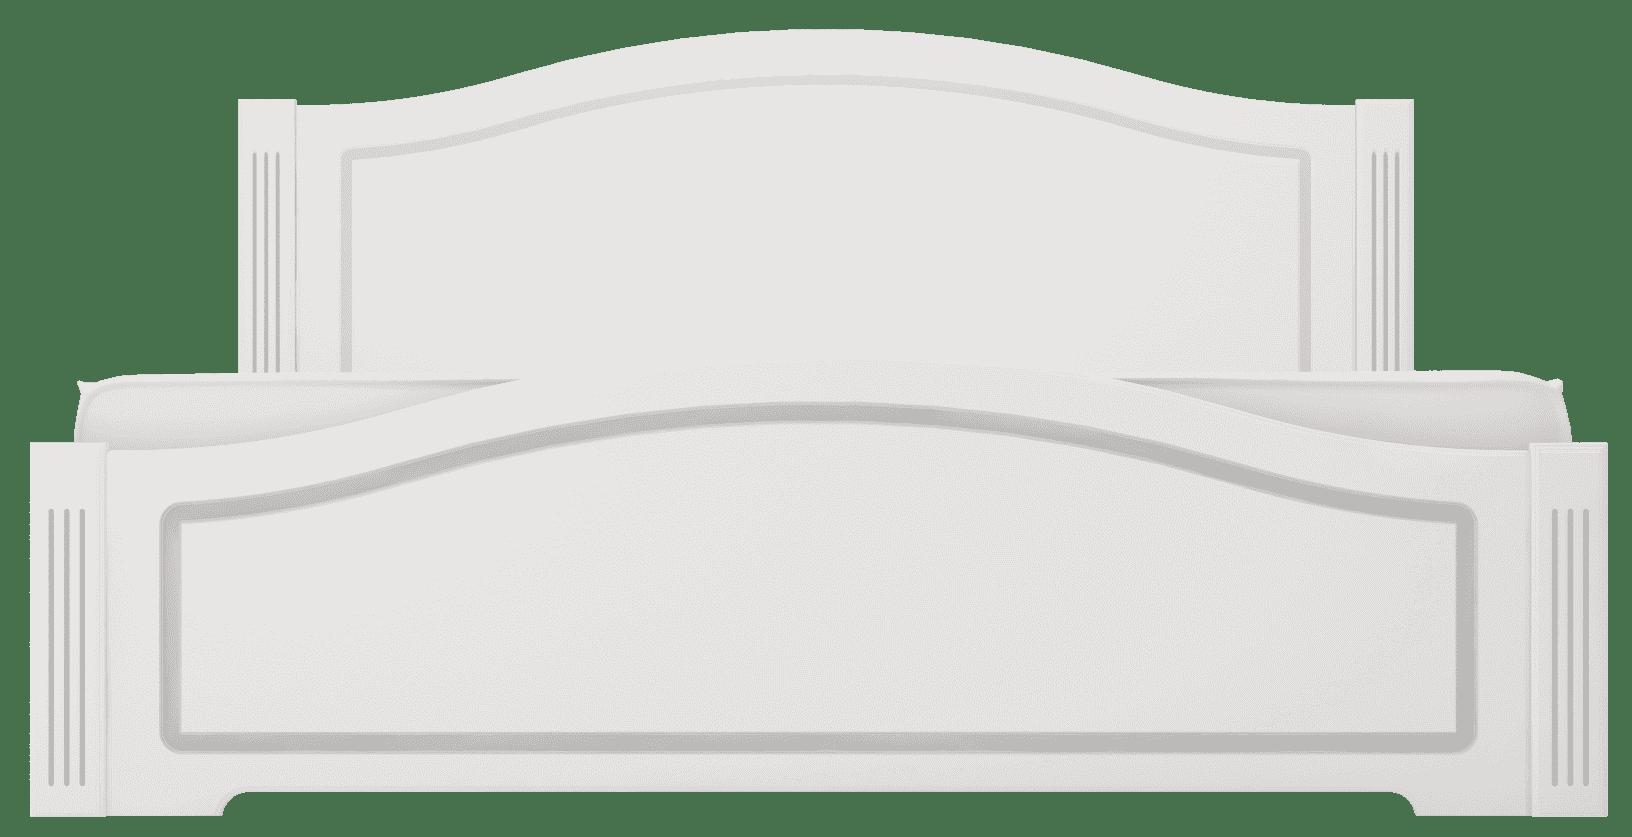 Кровать Виктория 19 180*200 см с латами, без матраса